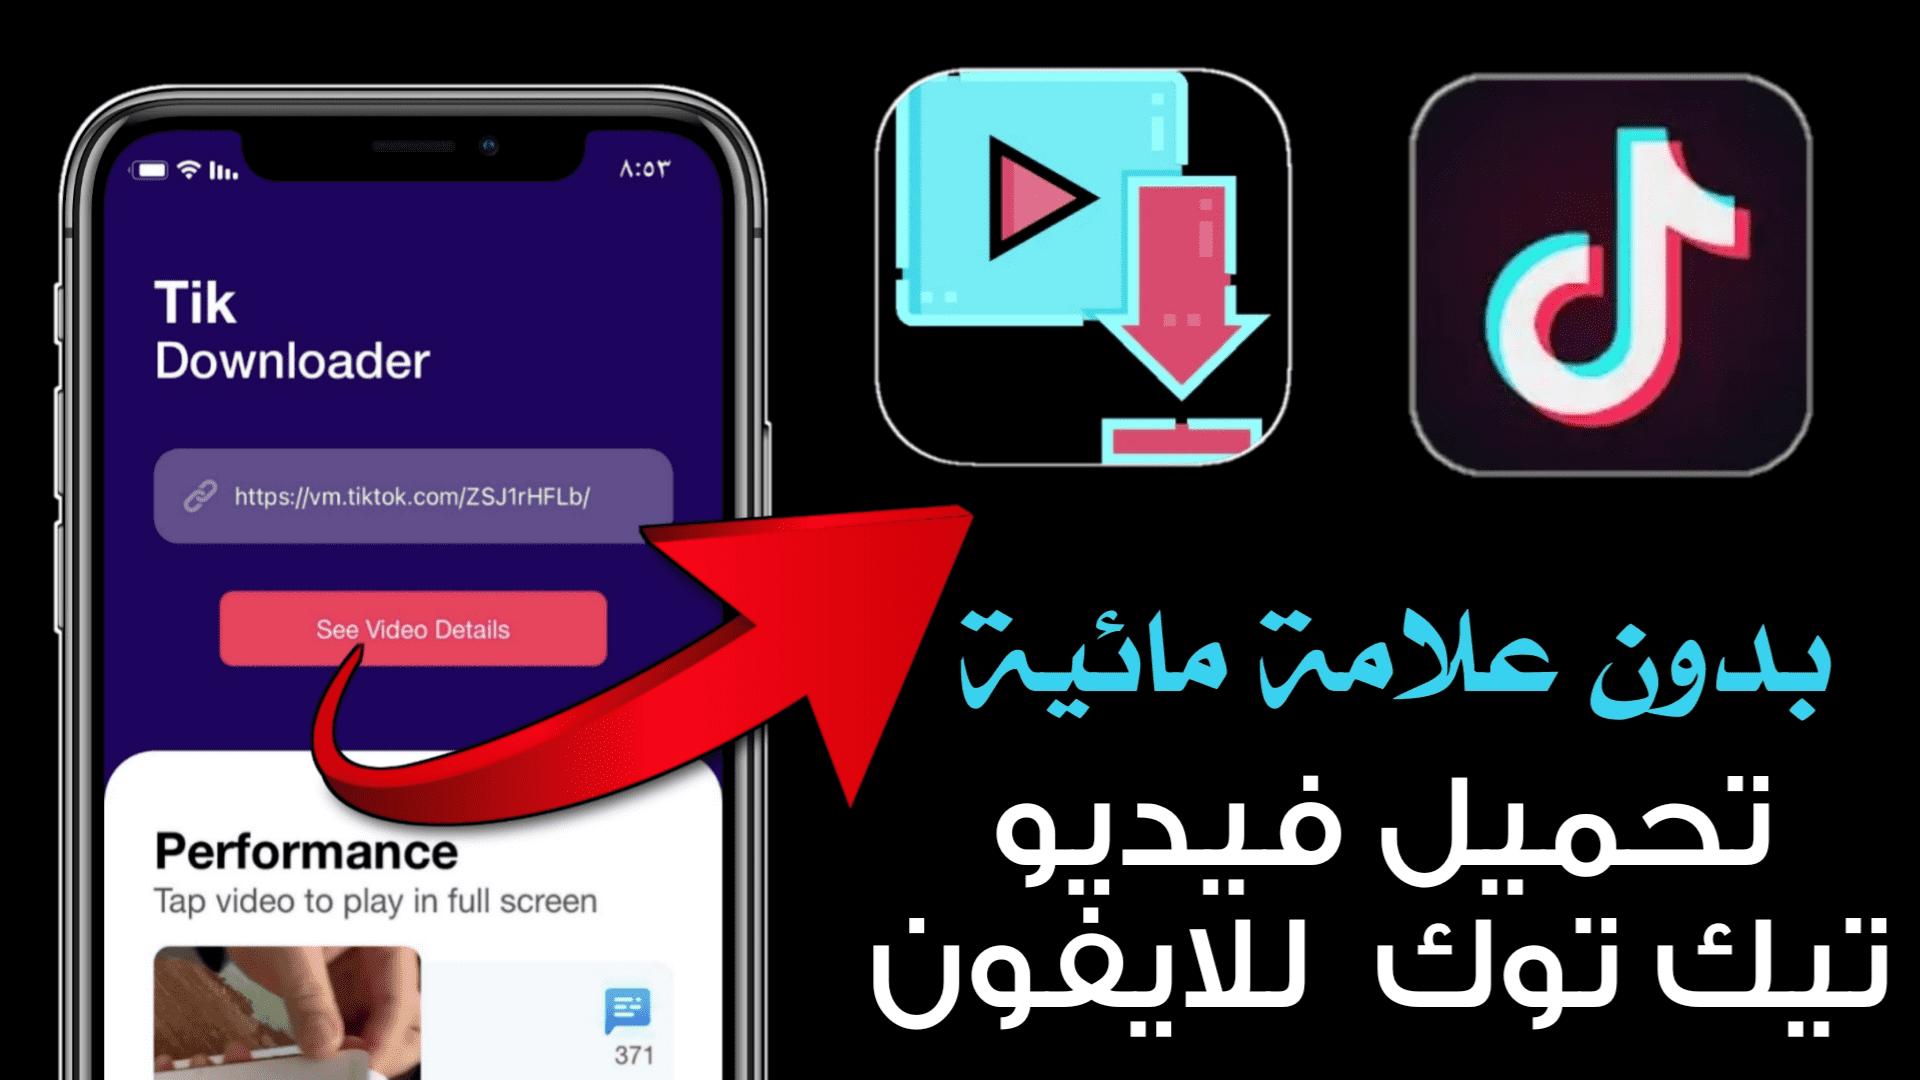 تحميل فيديو تيك توك للايفون والايباد بدون علامة مائية